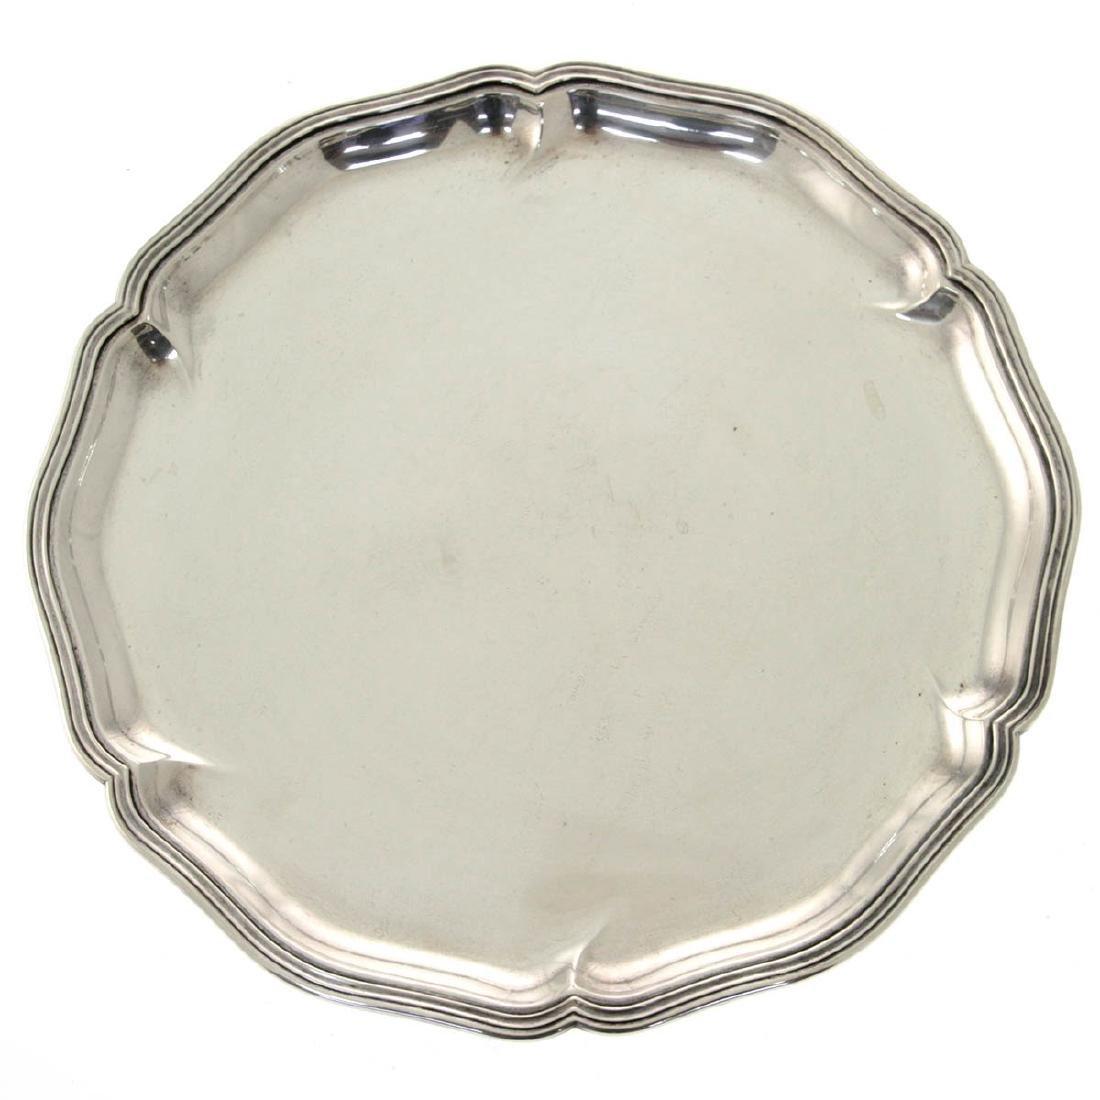 Silver Circular Tray, G. Hermeling, Germany, Circa